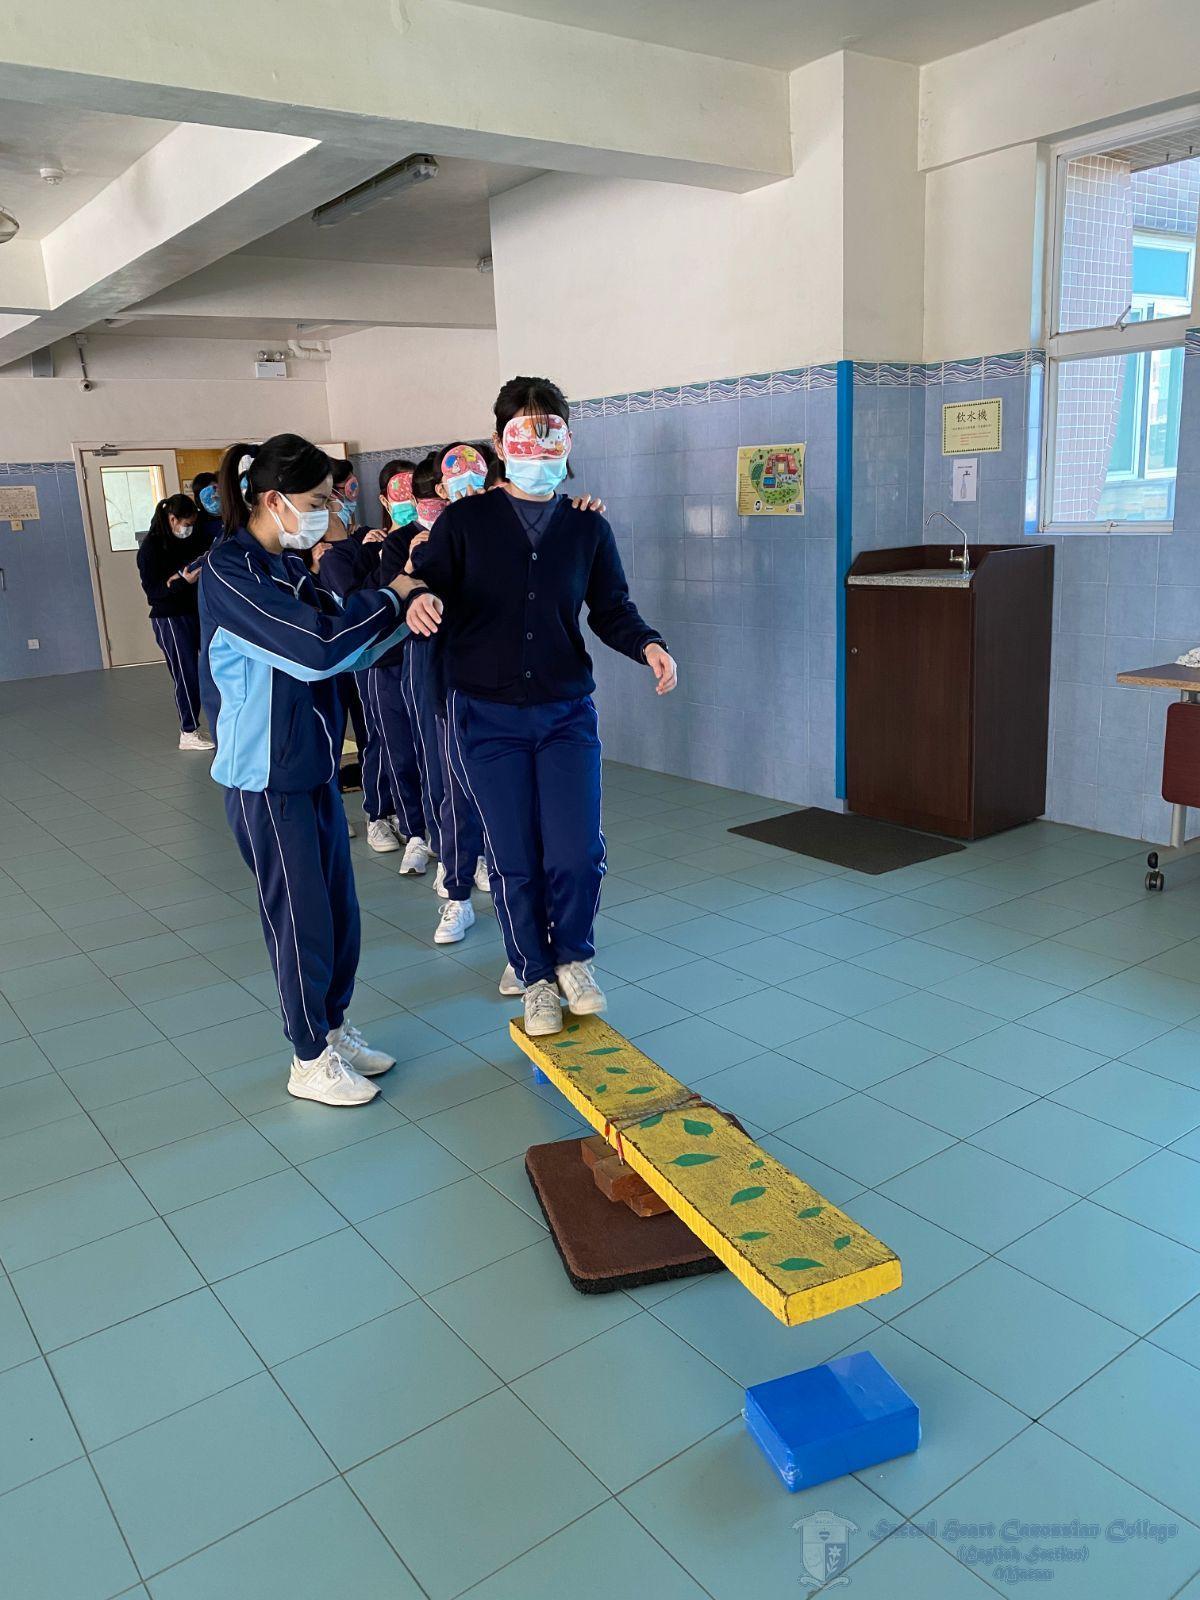 學社幹事透過蒙眼活動,學習聽從領導的指令,安全地橫過這不平的木板。與此同時,負責帶領的同學也要利用精簡的語言,以最快的速度把組員帶到木板的另一端。此項活動能加強學生之間的信任及團隊精神。